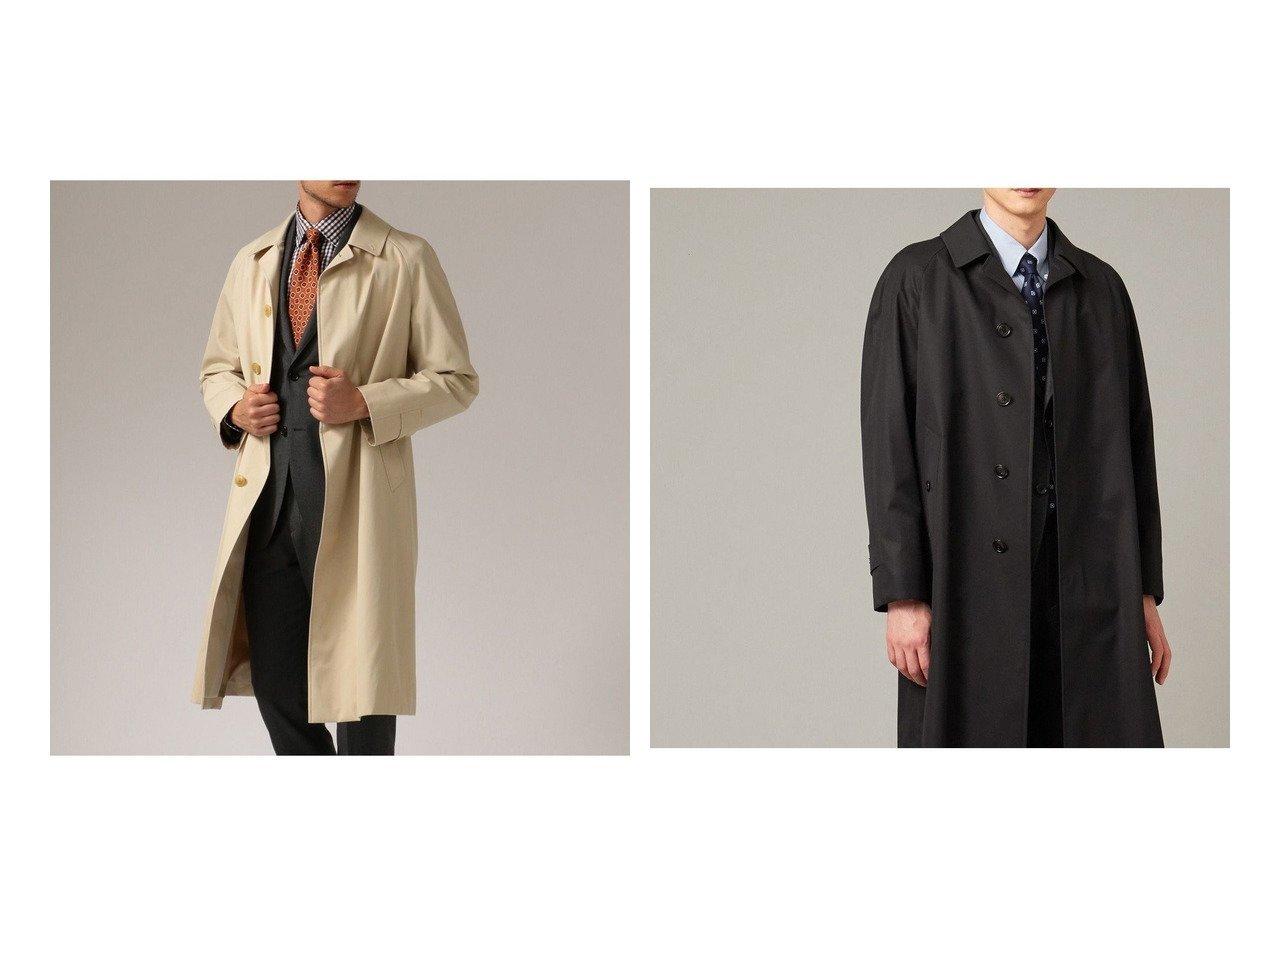 【J.PRESS / MEN/ジェイ プレス】の【J.PRESS BASIC】VENTILE ギャバジン バルマカーン コート 【MEN】おすすめ!人気トレンド・男性、メンズファッションの通販 おすすめで人気の流行・トレンド、ファッションの通販商品 インテリア・家具・メンズファッション・キッズファッション・レディースファッション・服の通販 founy(ファニー) https://founy.com/ ファッション Fashion メンズファッション MEN アウター Coats Outerwear/Men エレガント コーティング ジャケット スリーブ 定番 Standard 人気 バランス フィット フロント ベーシック メンズ モダン ライナー 冬 Winter 送料無料 Free Shipping |ID:crp329100000042515